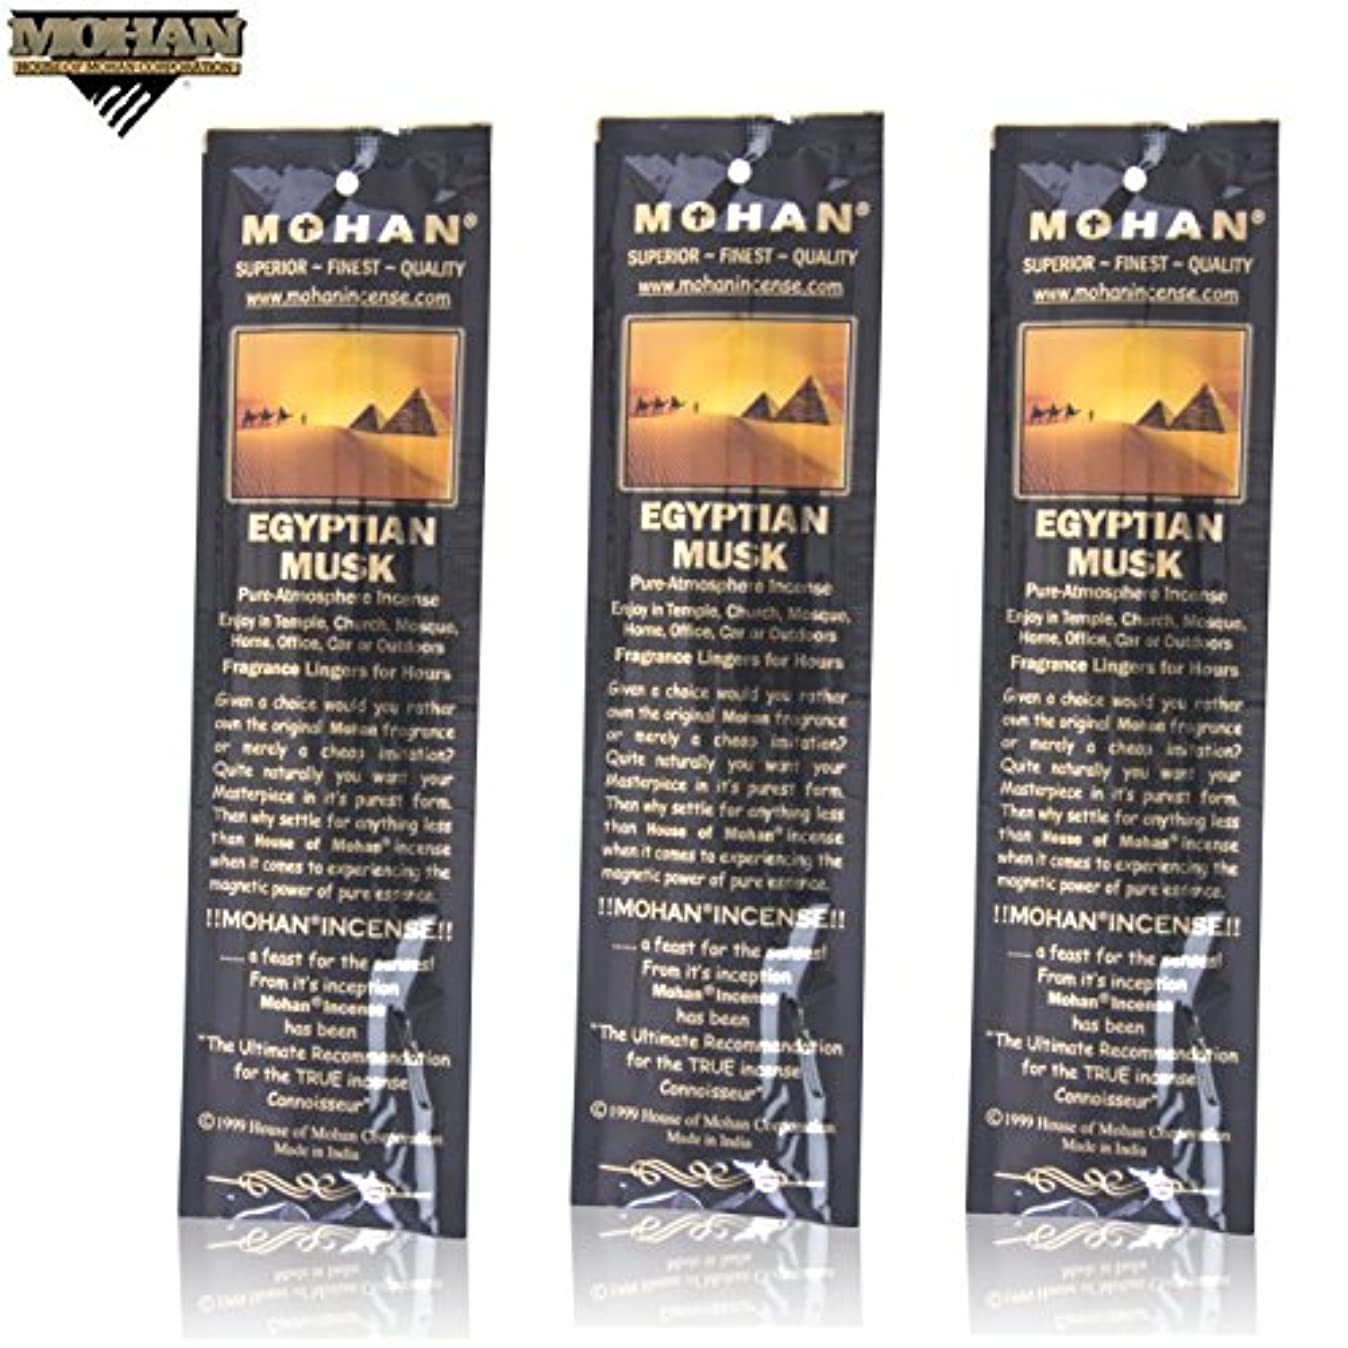 気を散らすモネ誤解を招くモハンのお香 Mohan Egyptian Musk B010TPTRWC